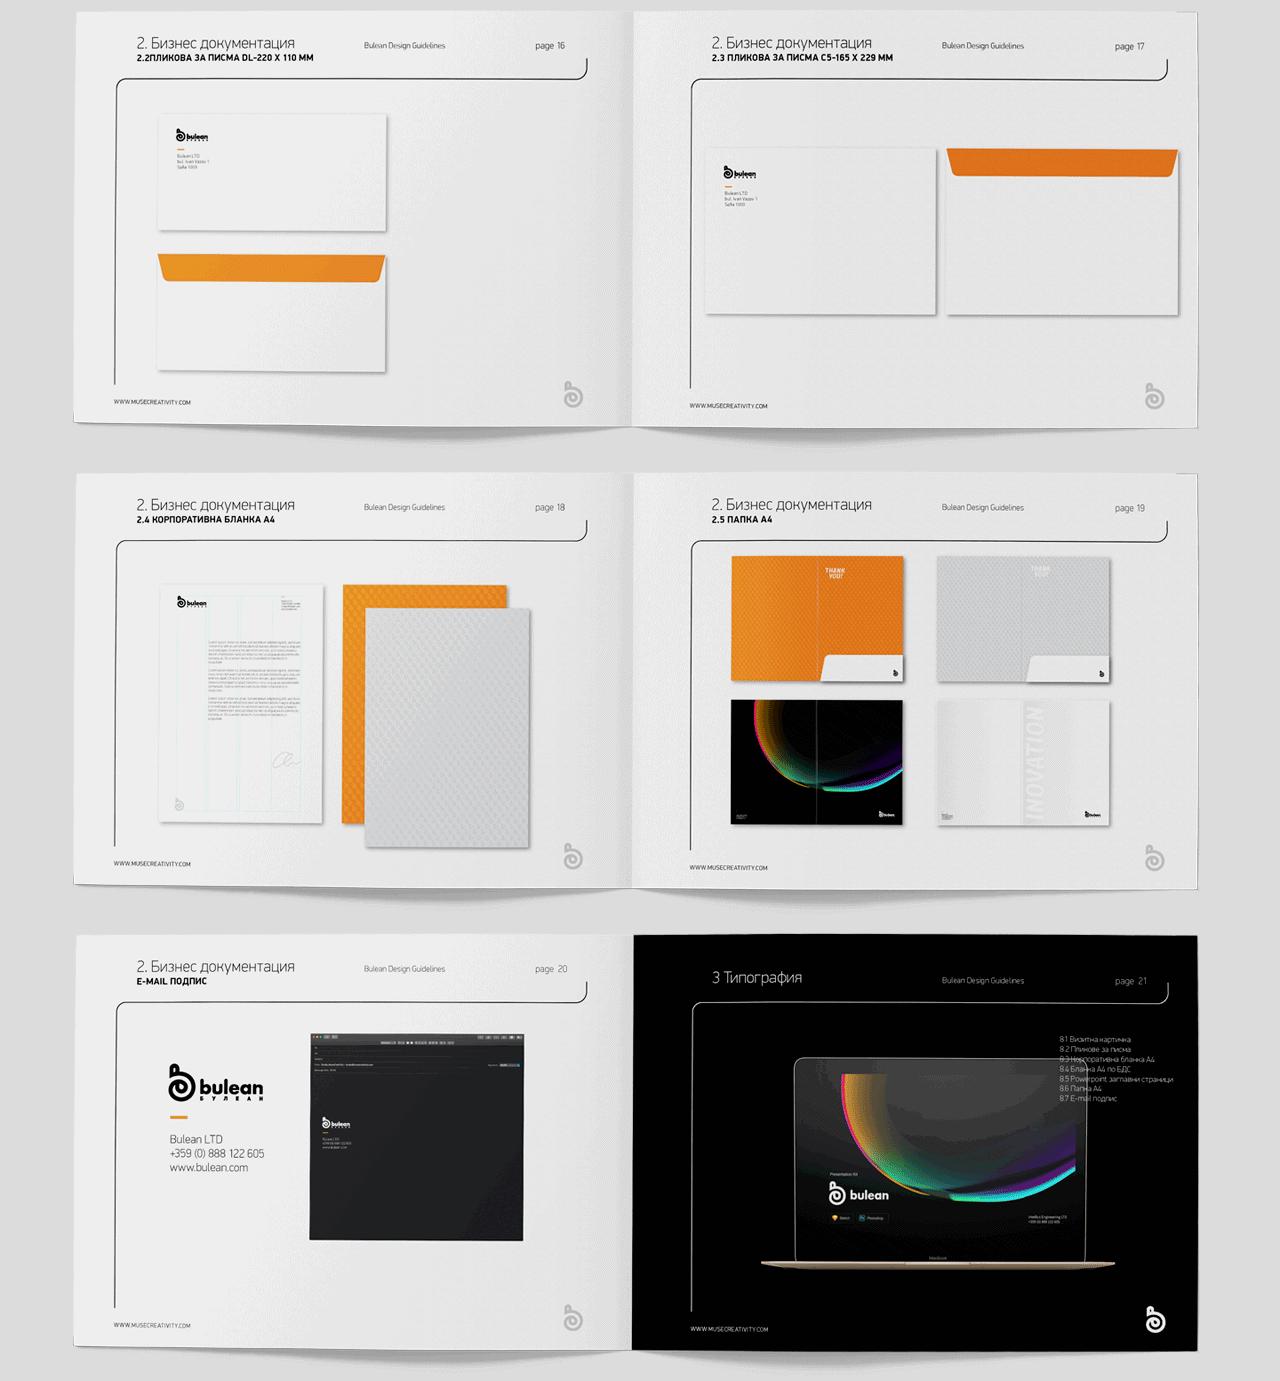 Bulean Ръководство, бранд, лого, идентичност дизайн проектиране от Muse Creativity 3